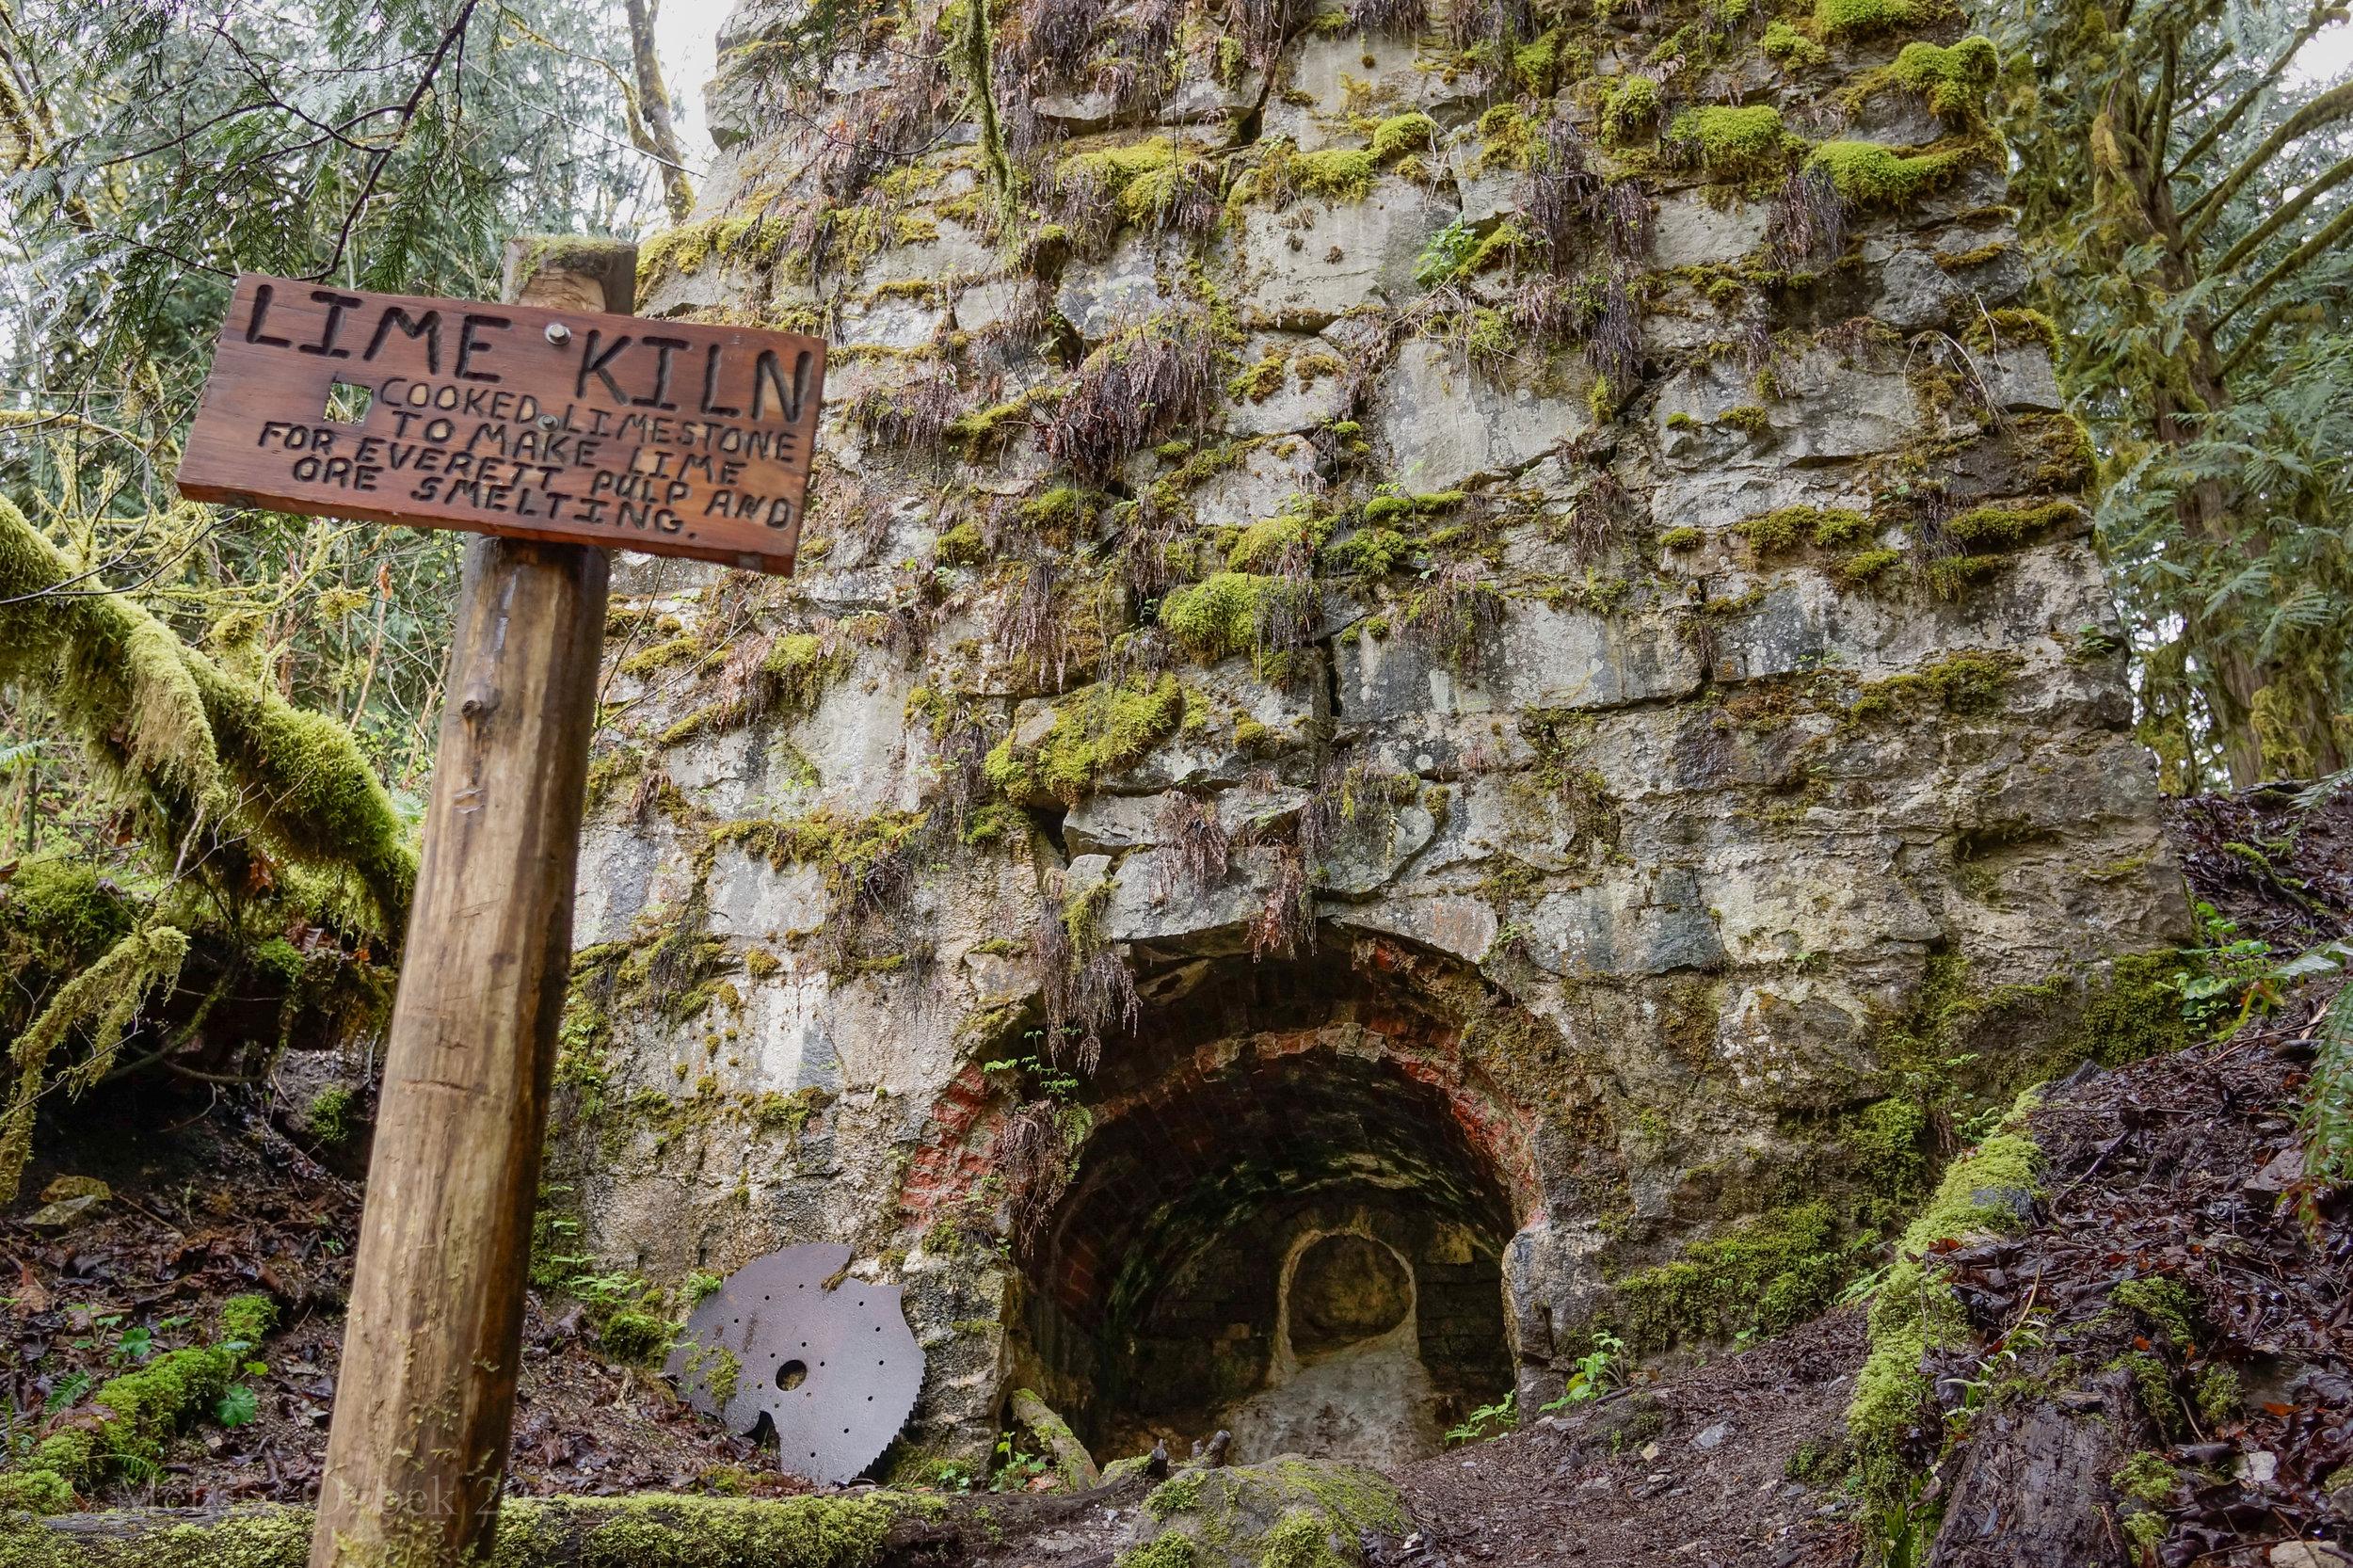 1. Lime Kiln Trail